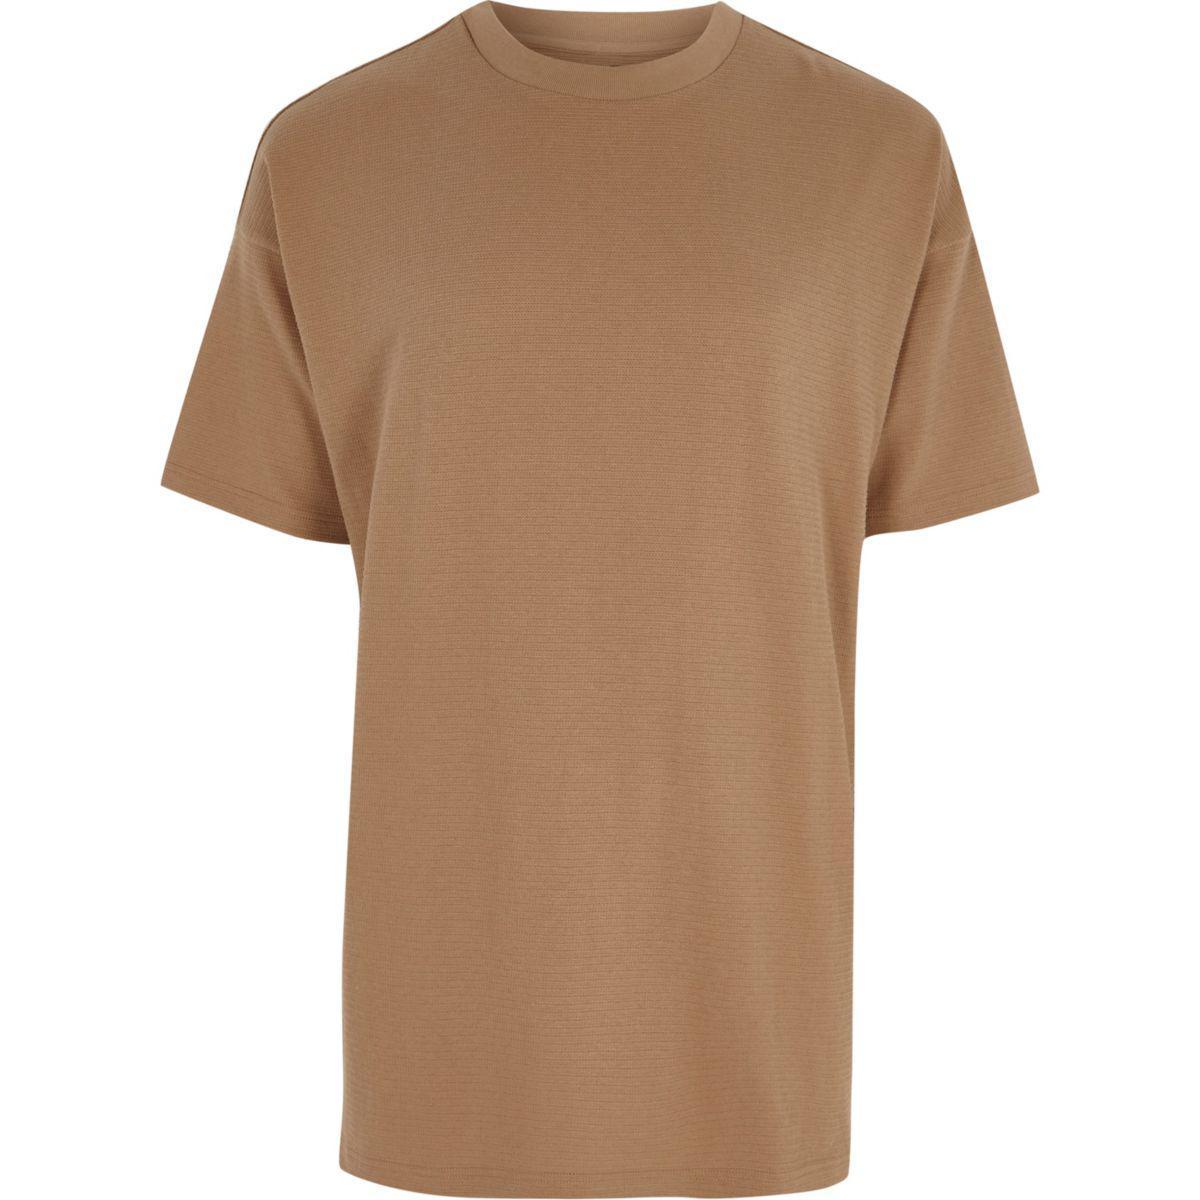 8bec8935a0b Men's Light Brown Short Sleeve Oversized T-shirt